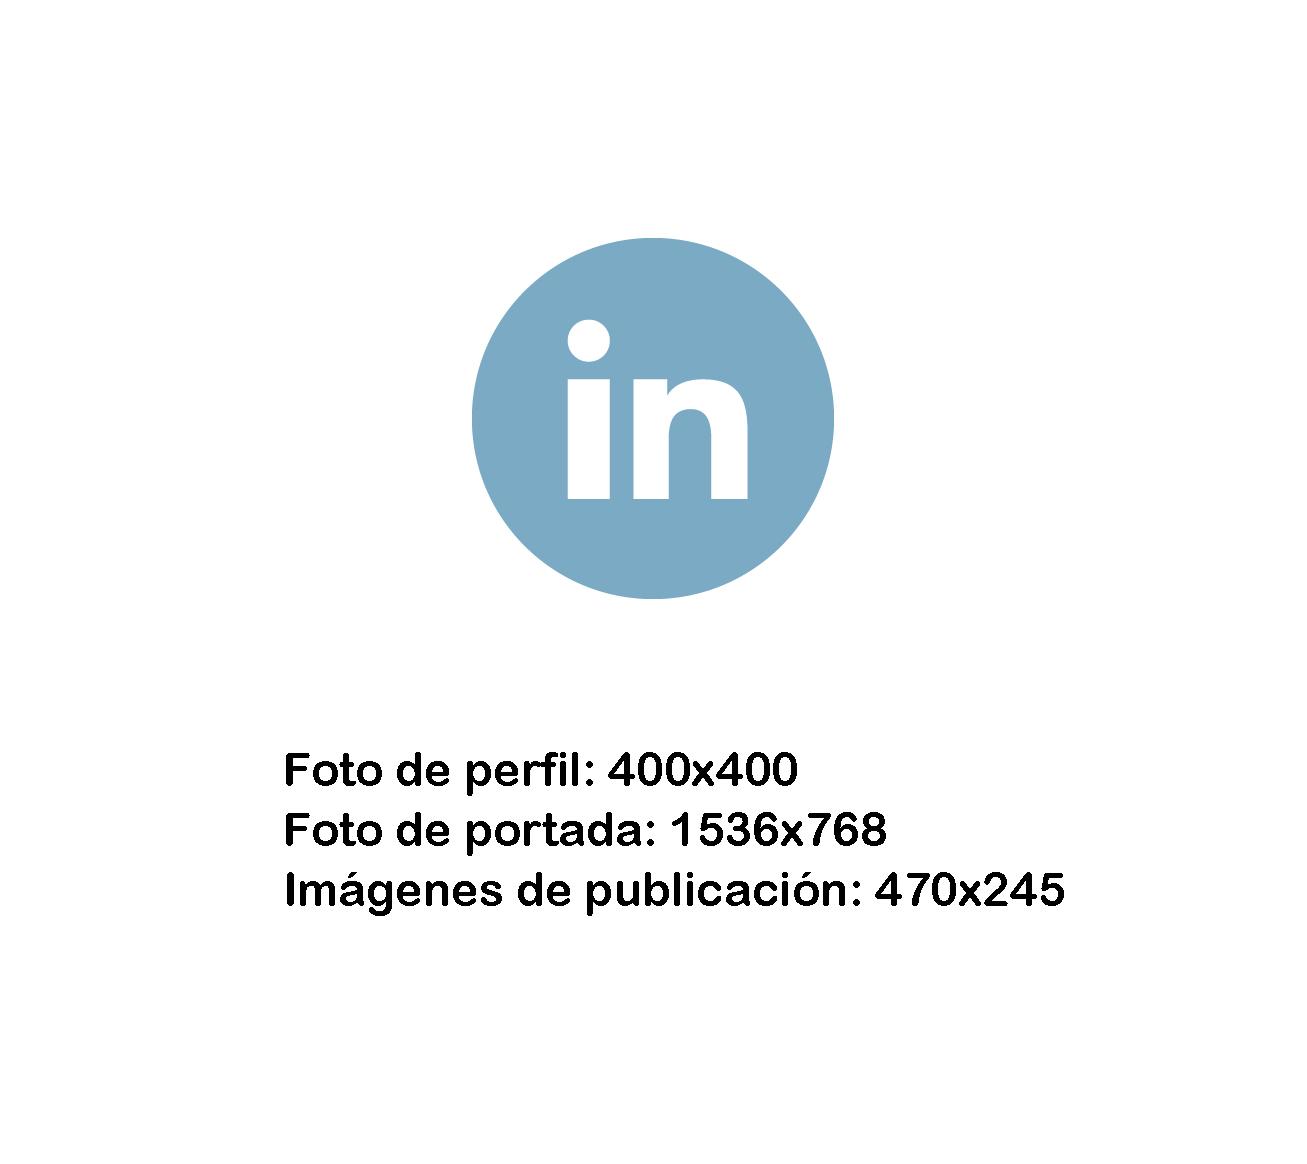 imágenes de redes sociales5